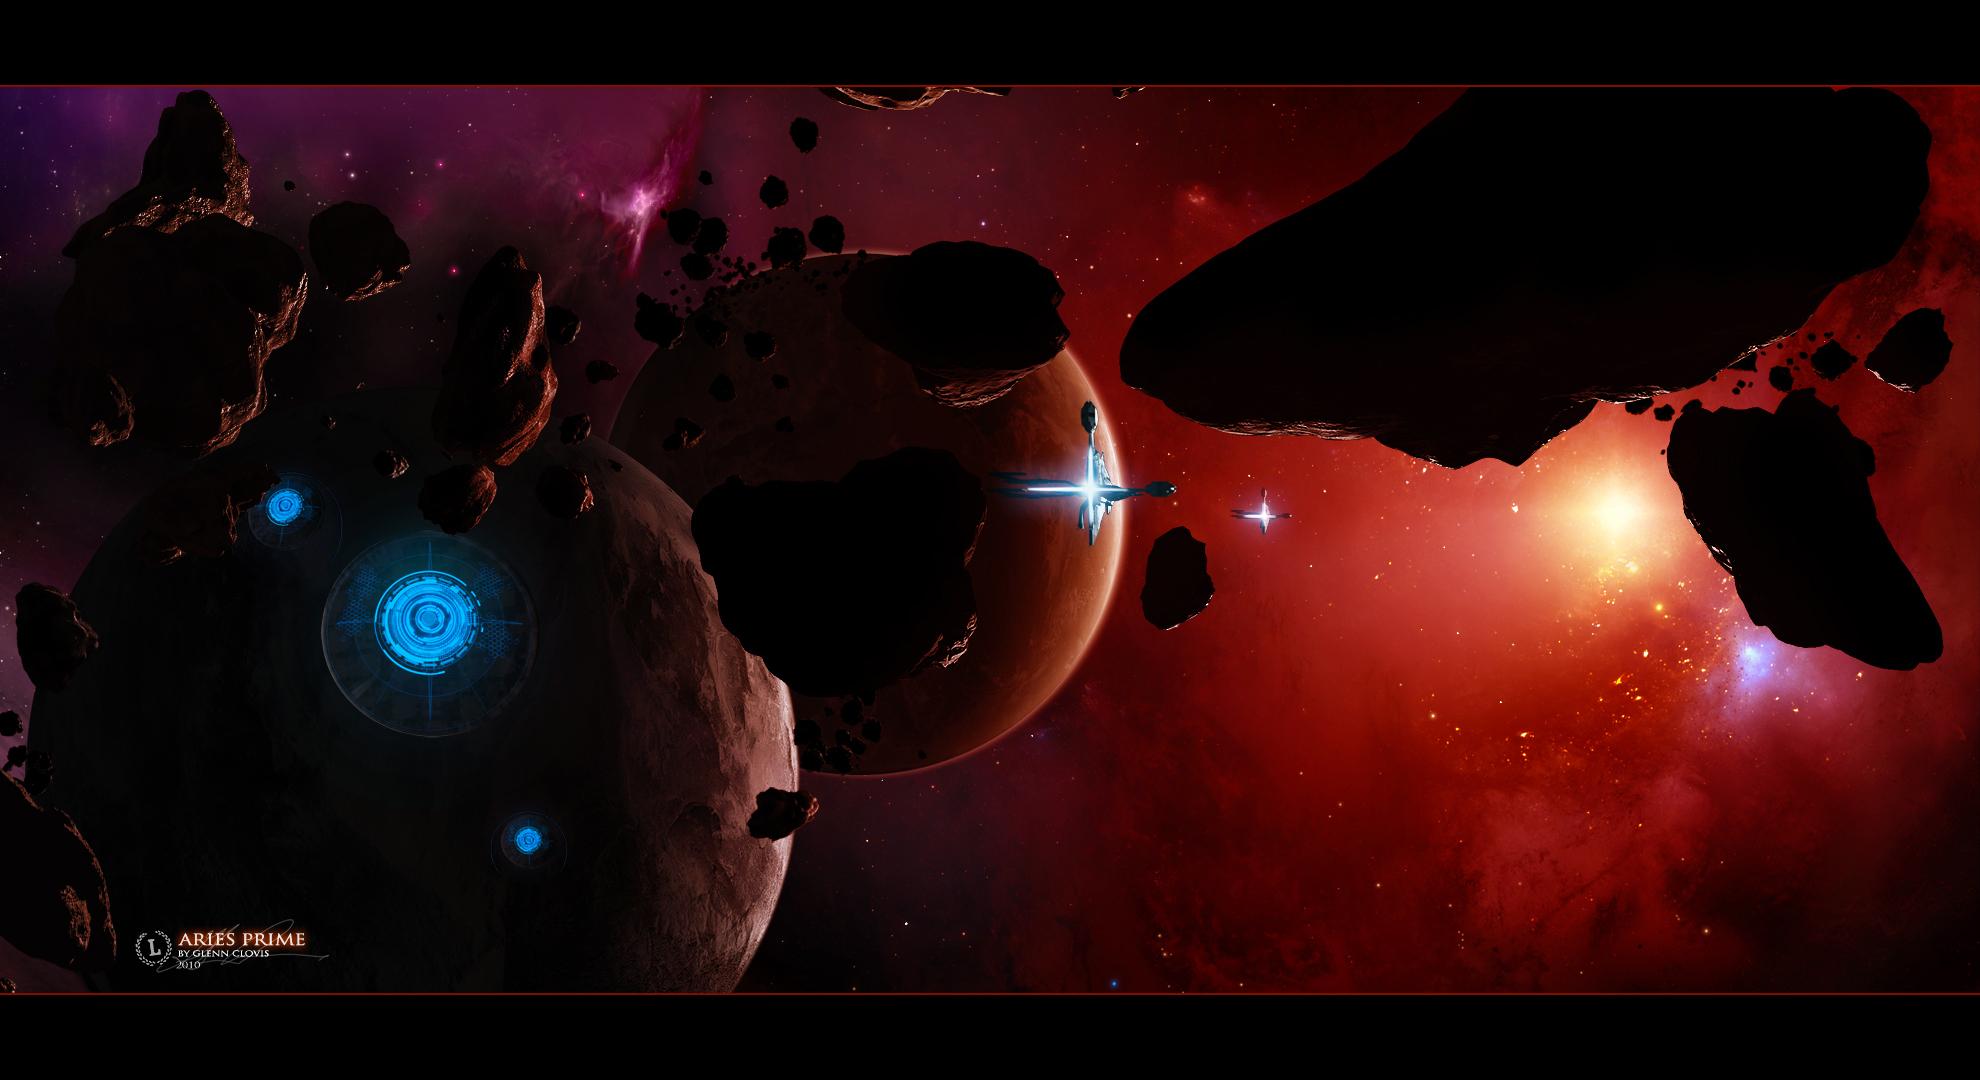 壁紙 1980x1080 小惑星 宇宙空間 ダウンロード 写真